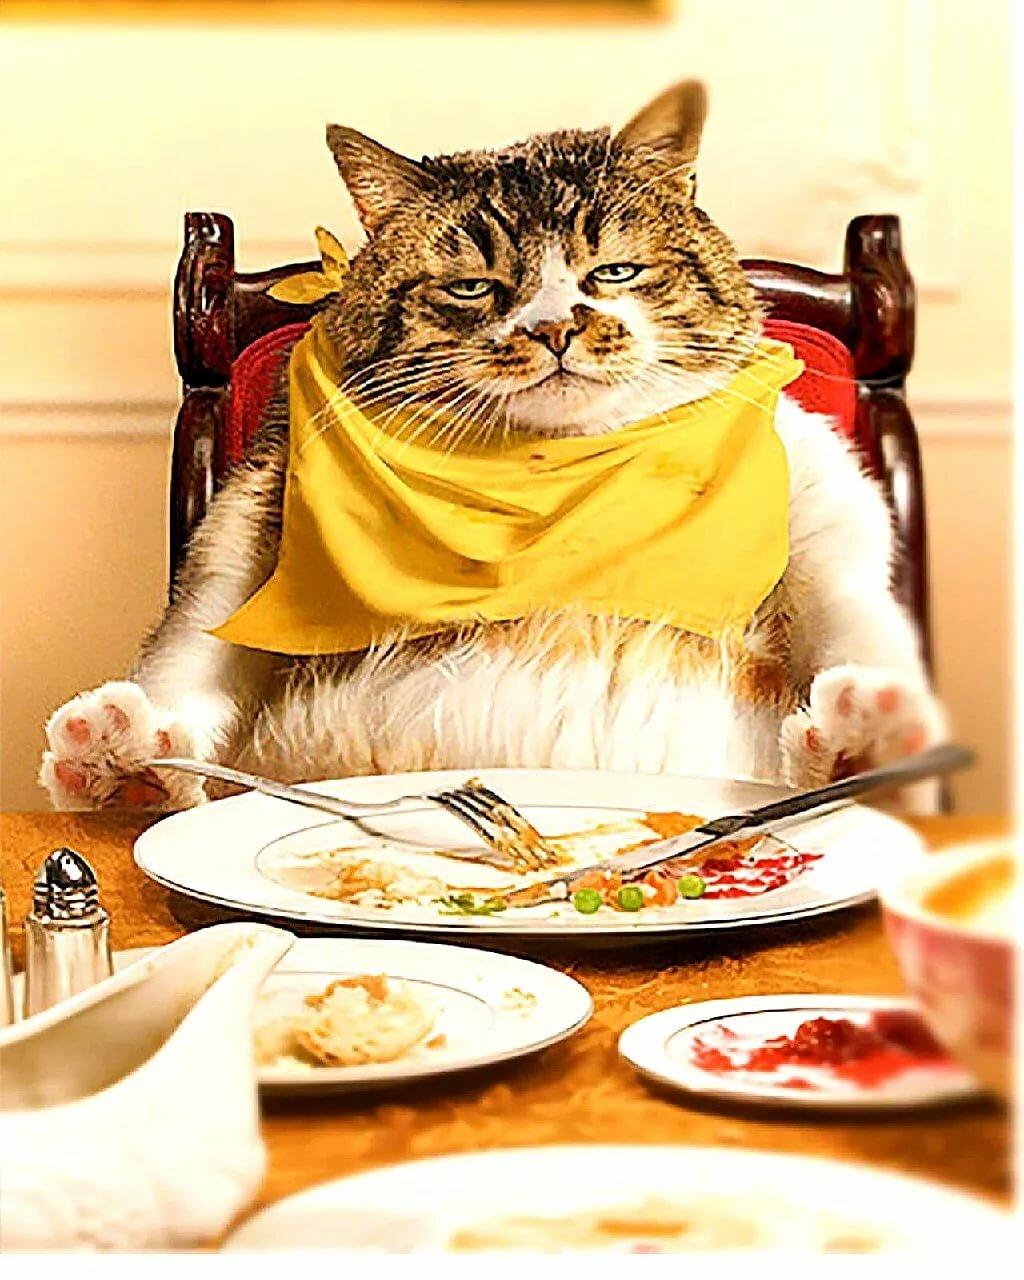 Картинка приятного ужина прикольные